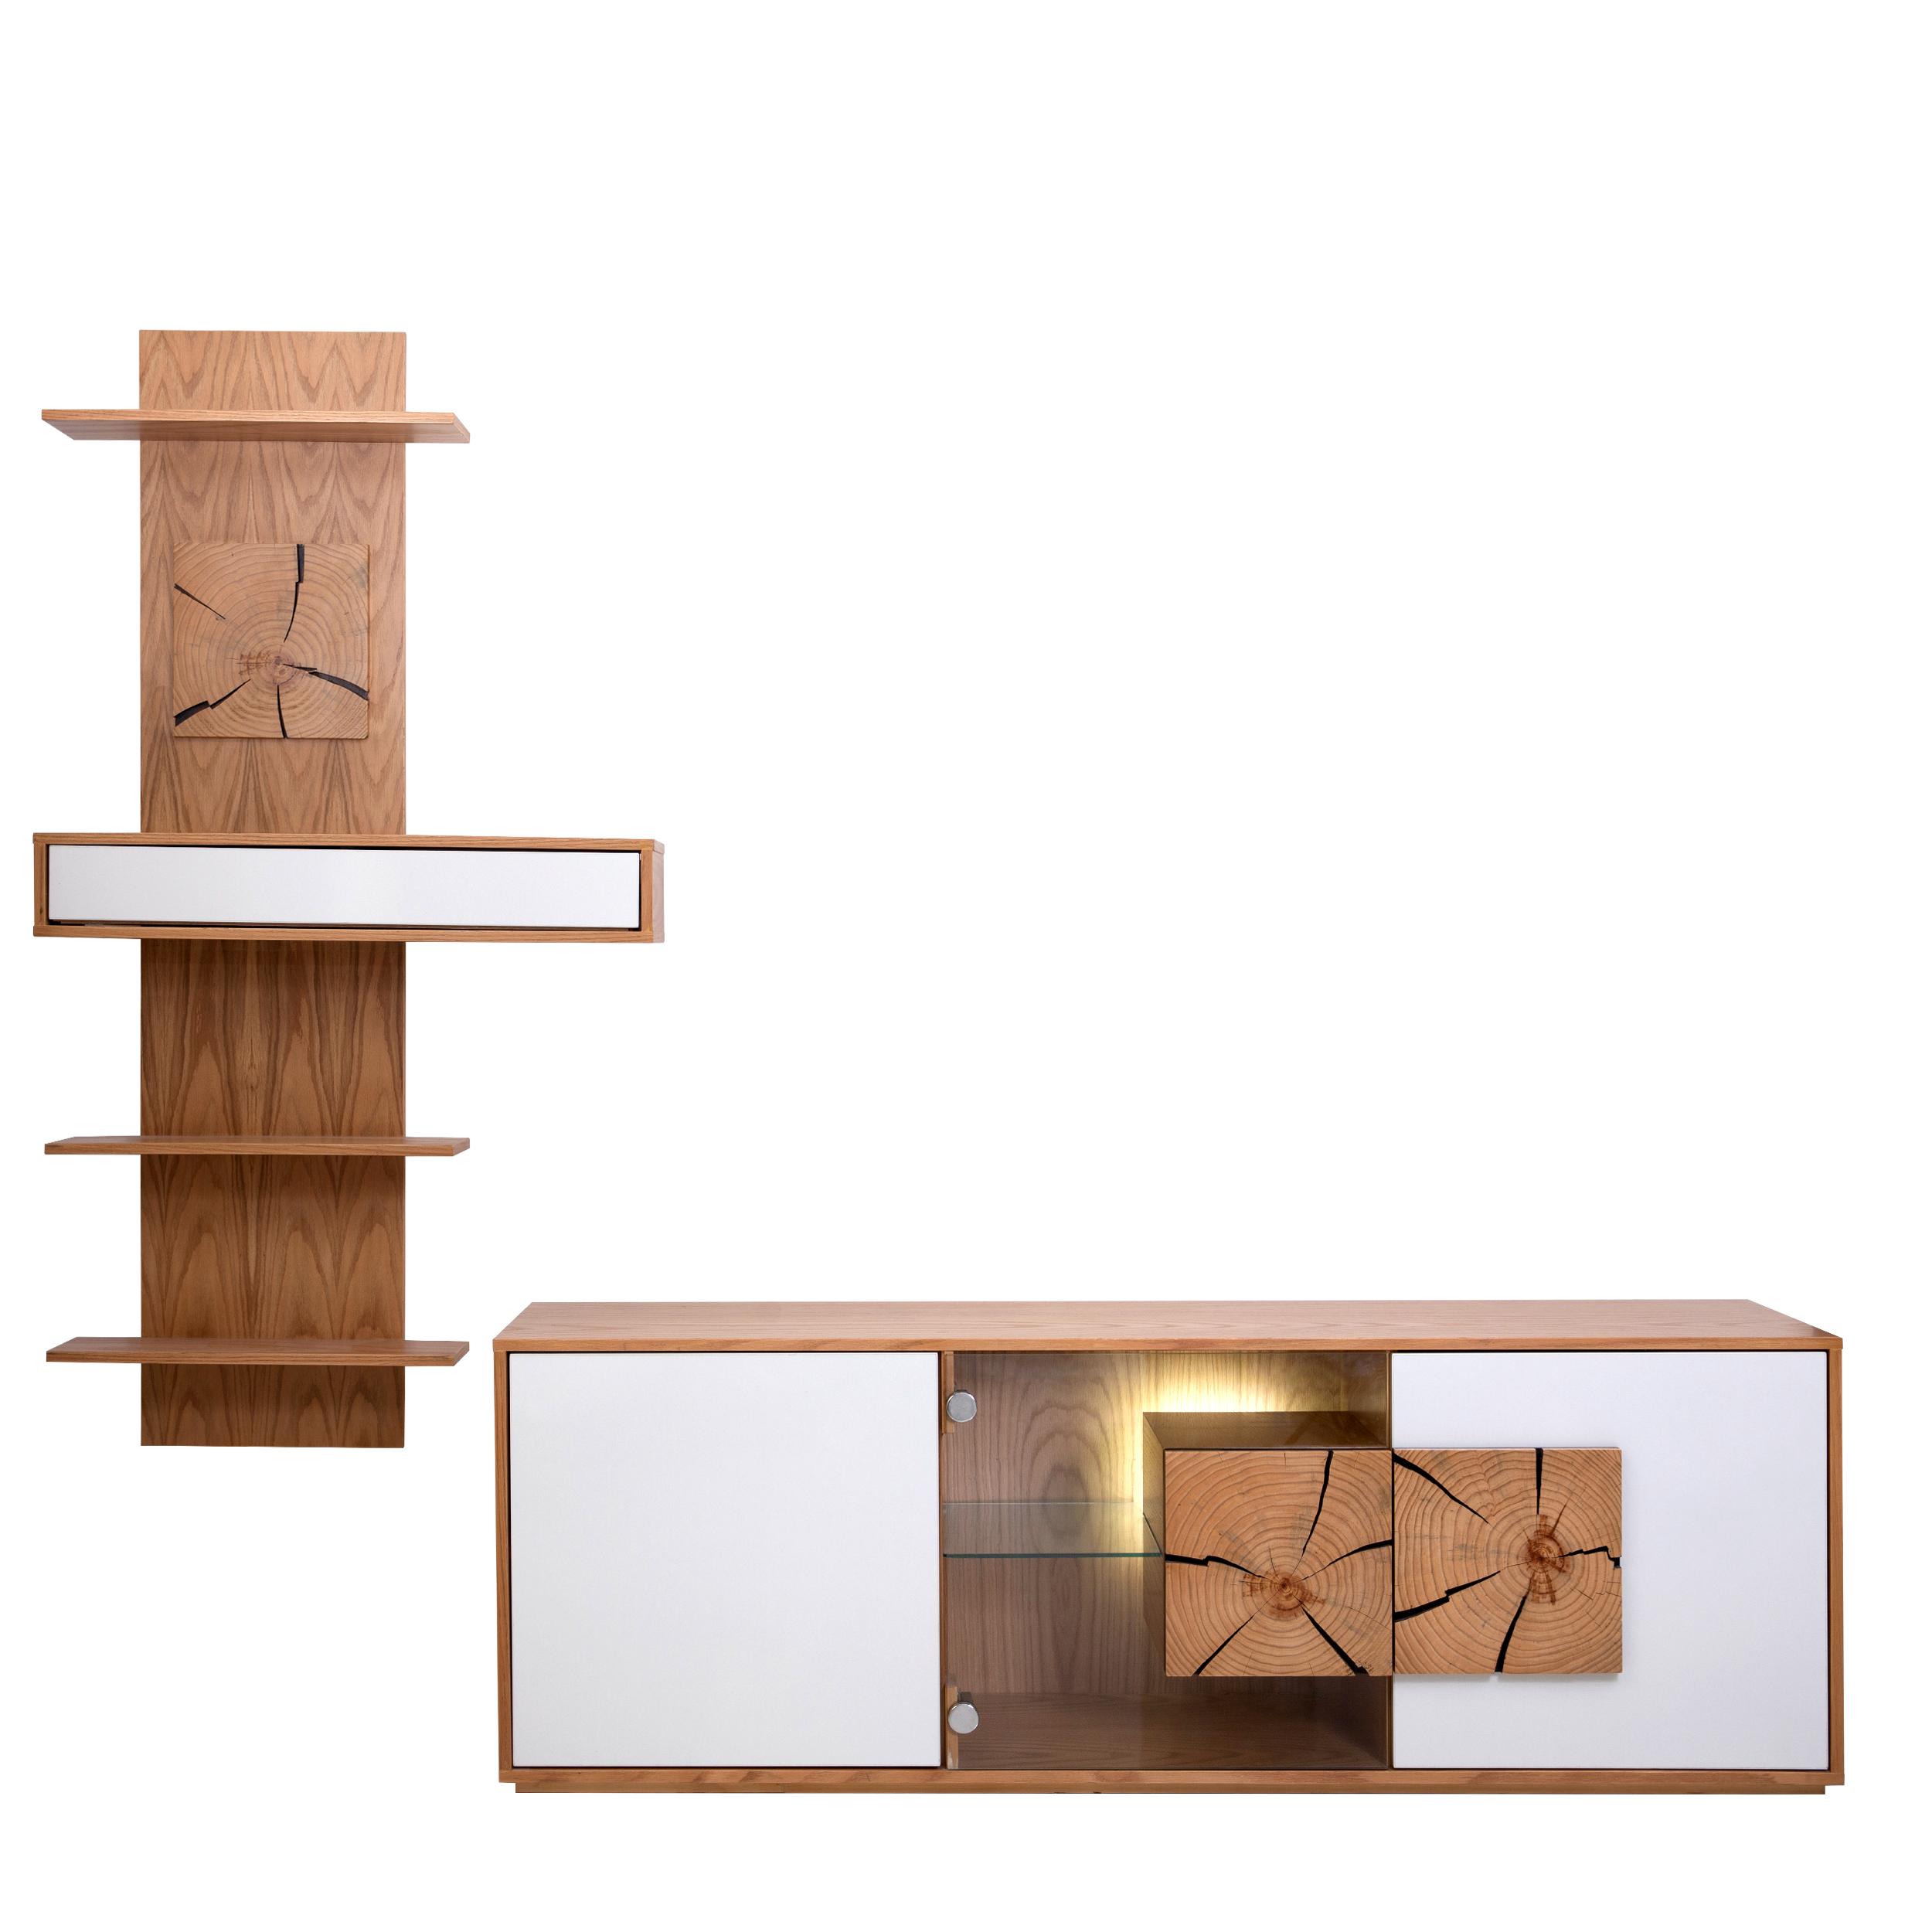 میز تلویزیون مدل نهال کد B300 به همراه شلف دیواری